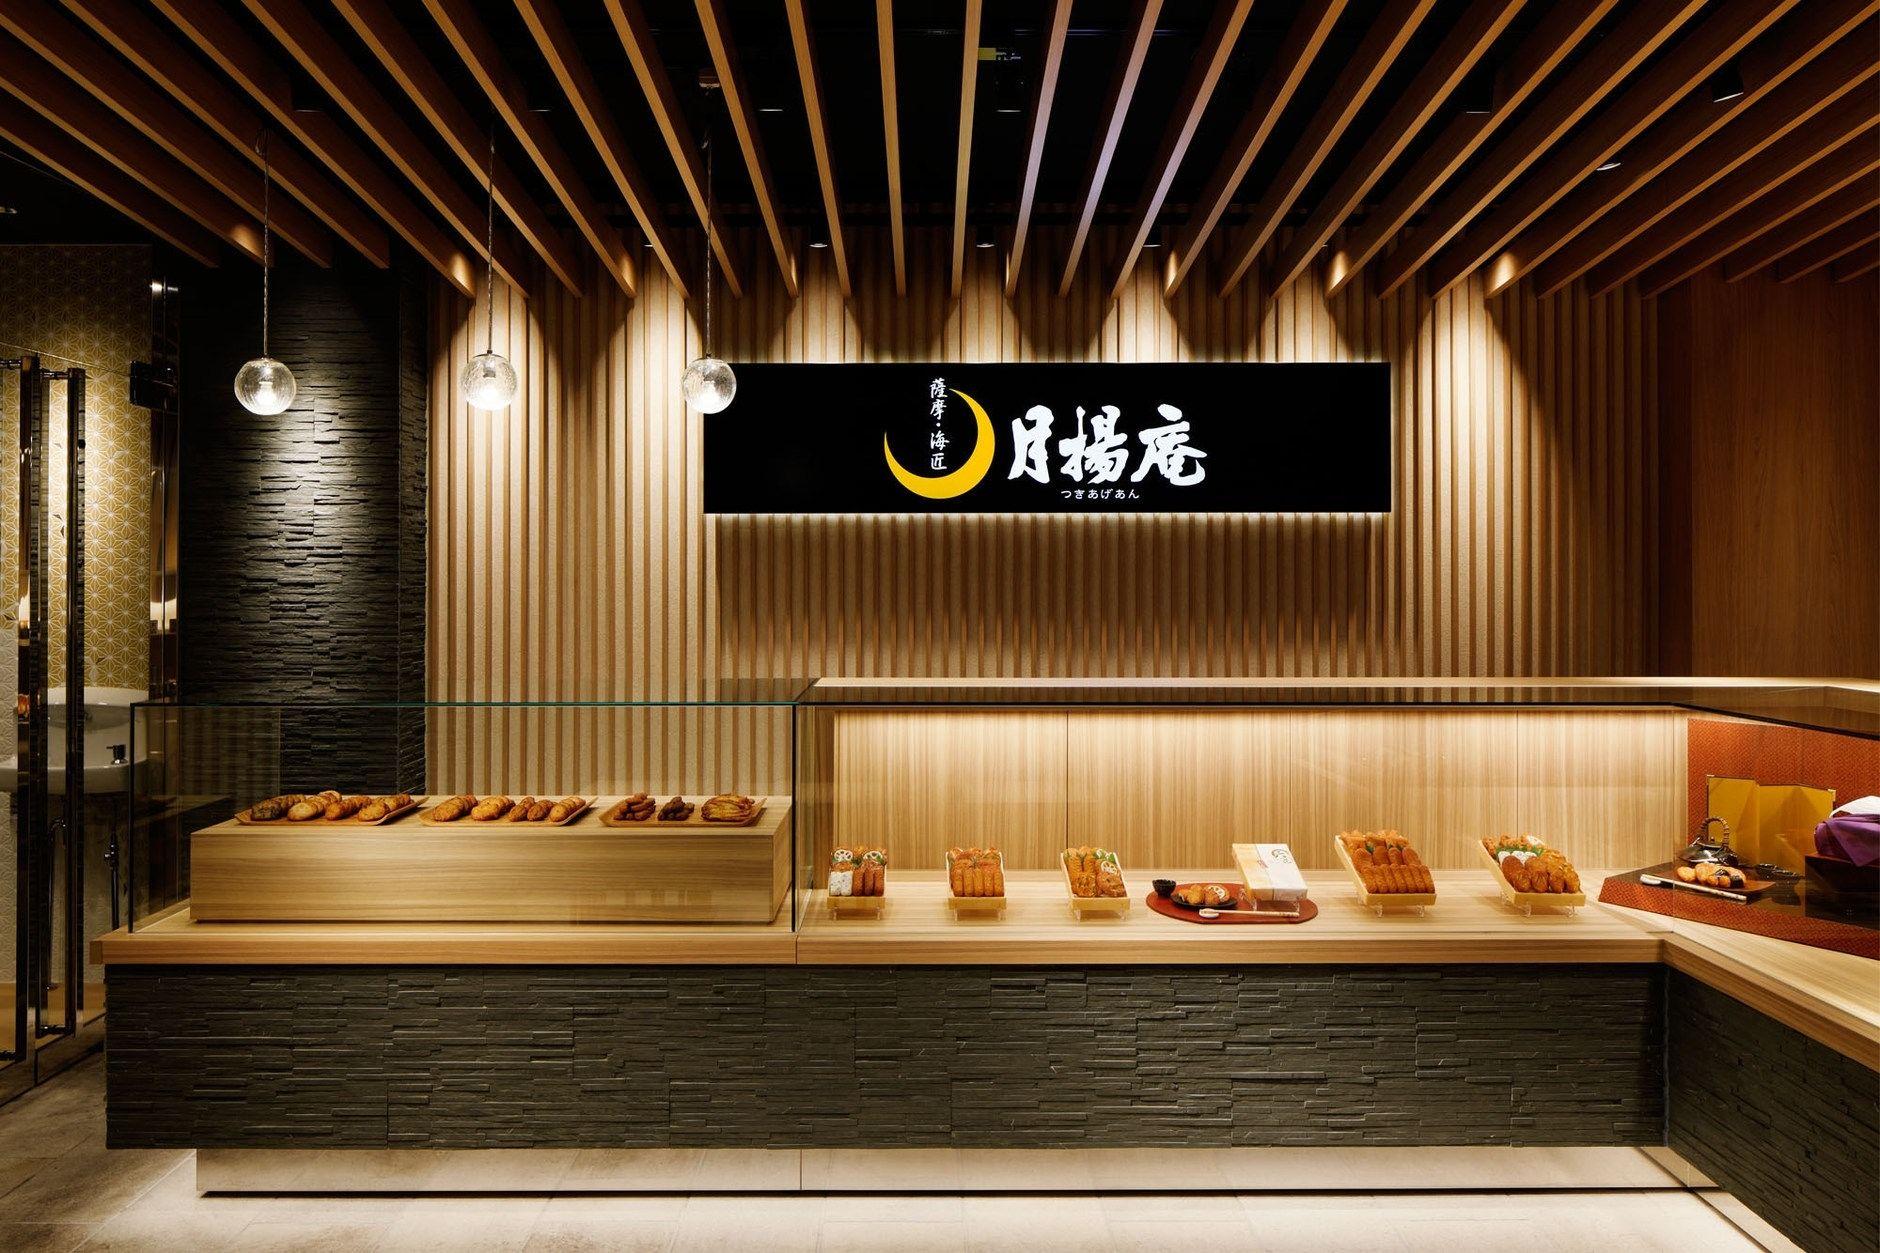 tsukiage-andoyle collection   1 decor   bar+ restaurant